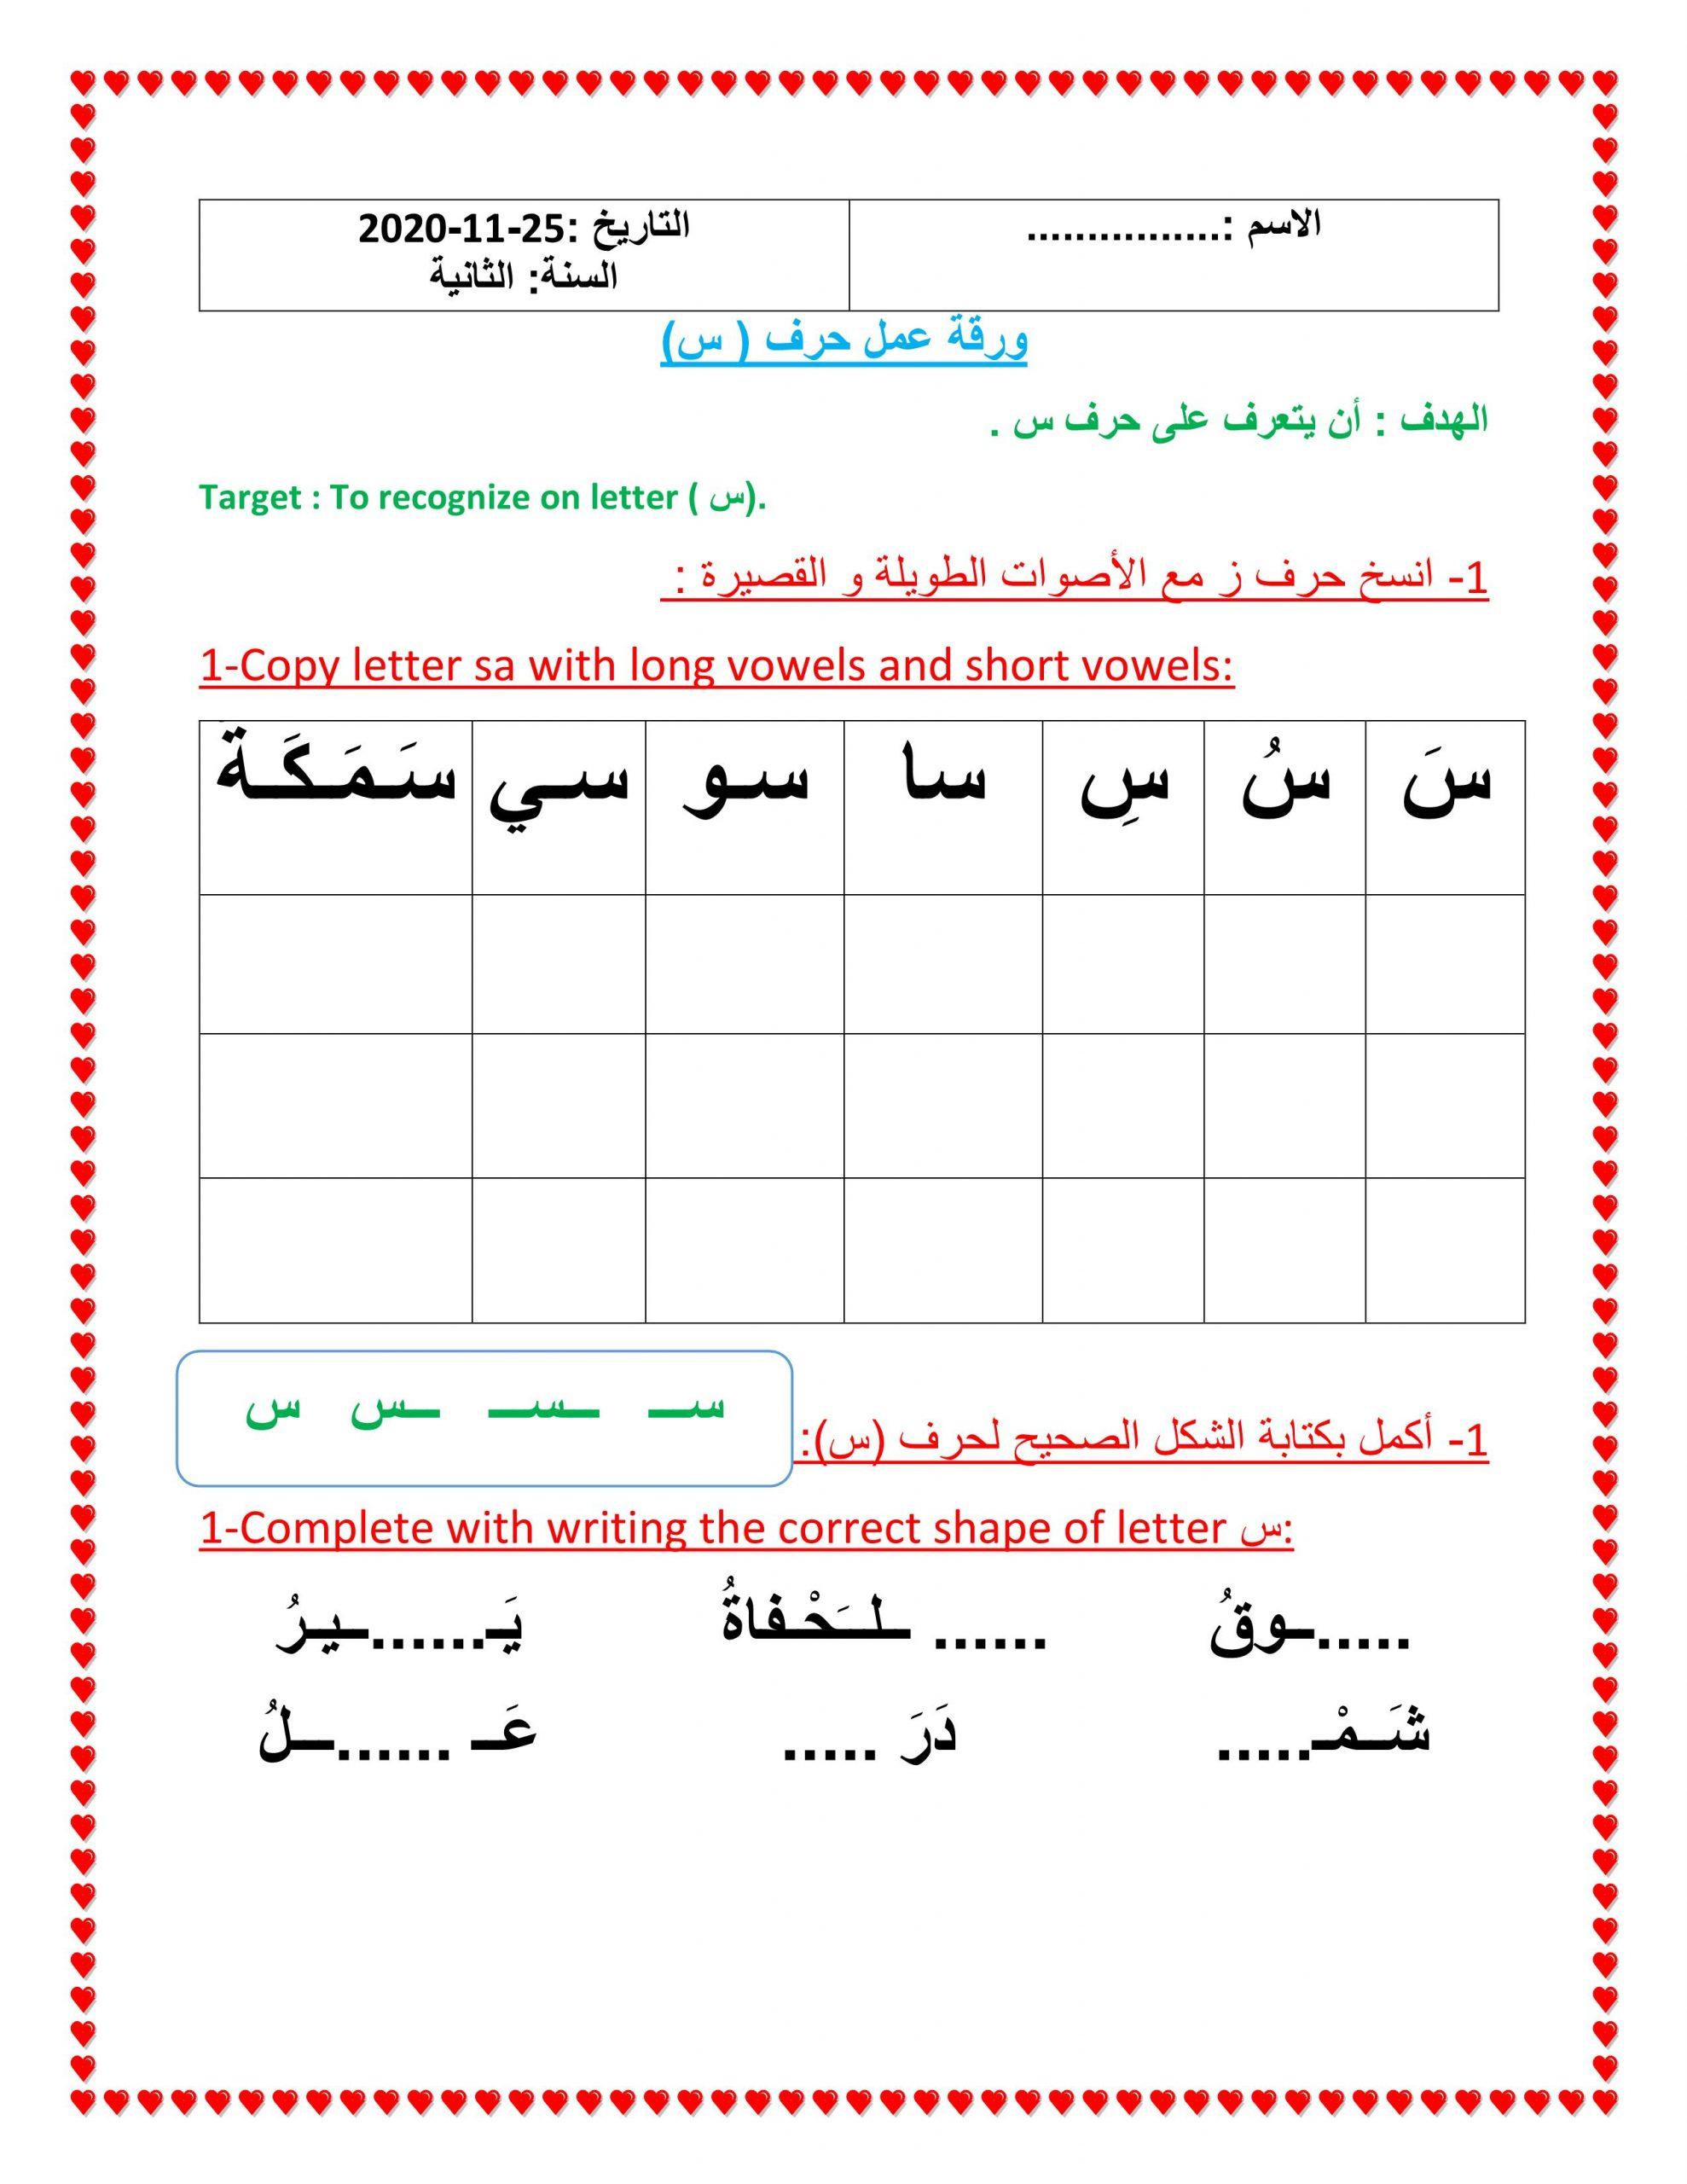 ورقة عمل حرف سين لغير الناطقين بها الصف الأول مادة اللغة العربية